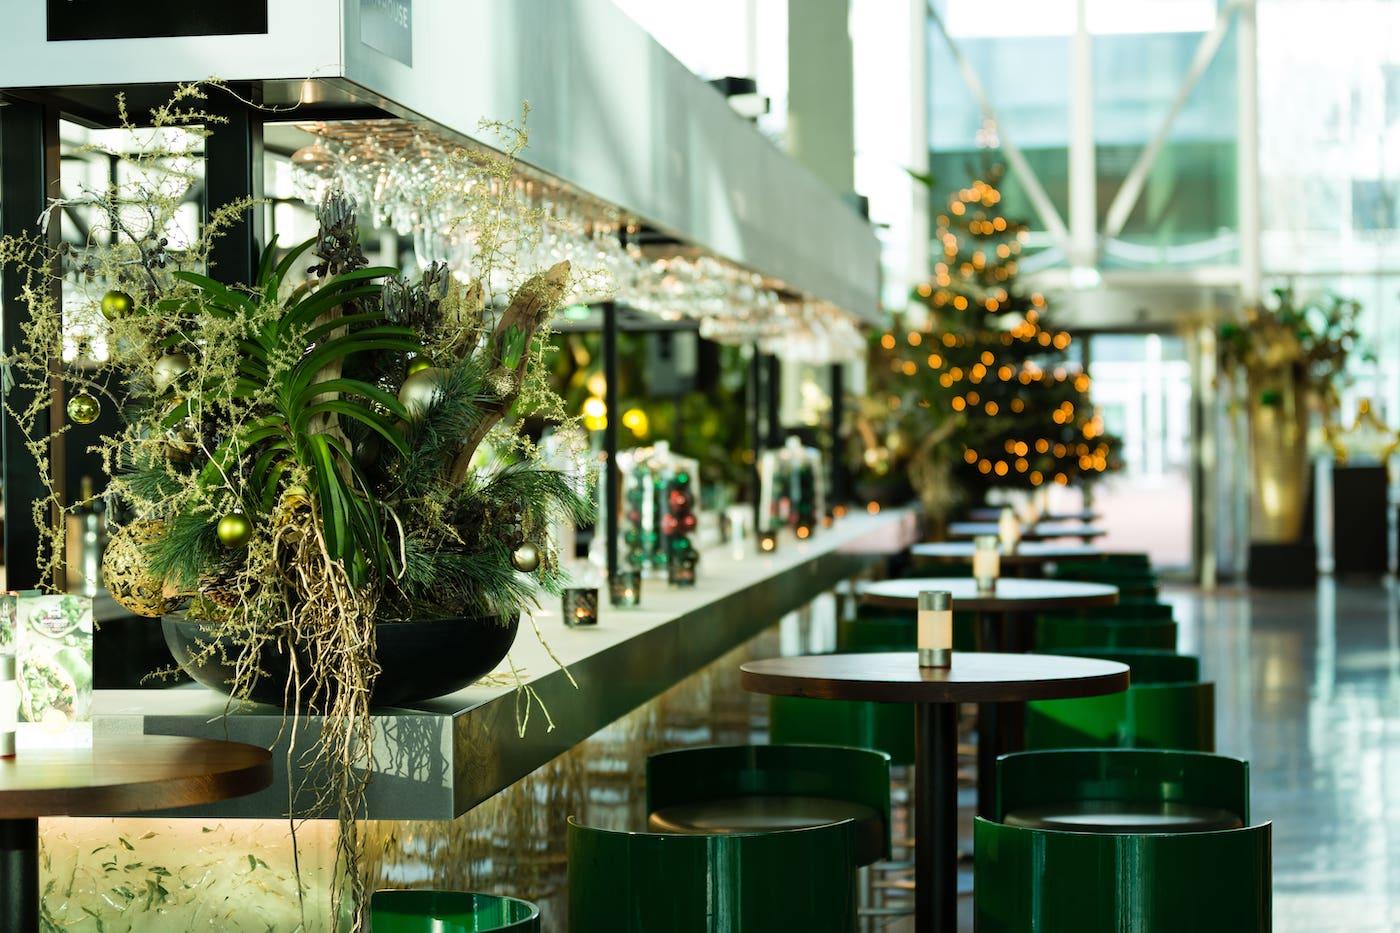 Bas de Boer Eventstyling Weihnachtsdekoration Metropolitan Raumdekoration Weihnachtsgesteck und Weihnachtsbaum mit grüne und goldene Weihnachtskugeln www.basdeboer eventstyling.de 8 - Eventstyling